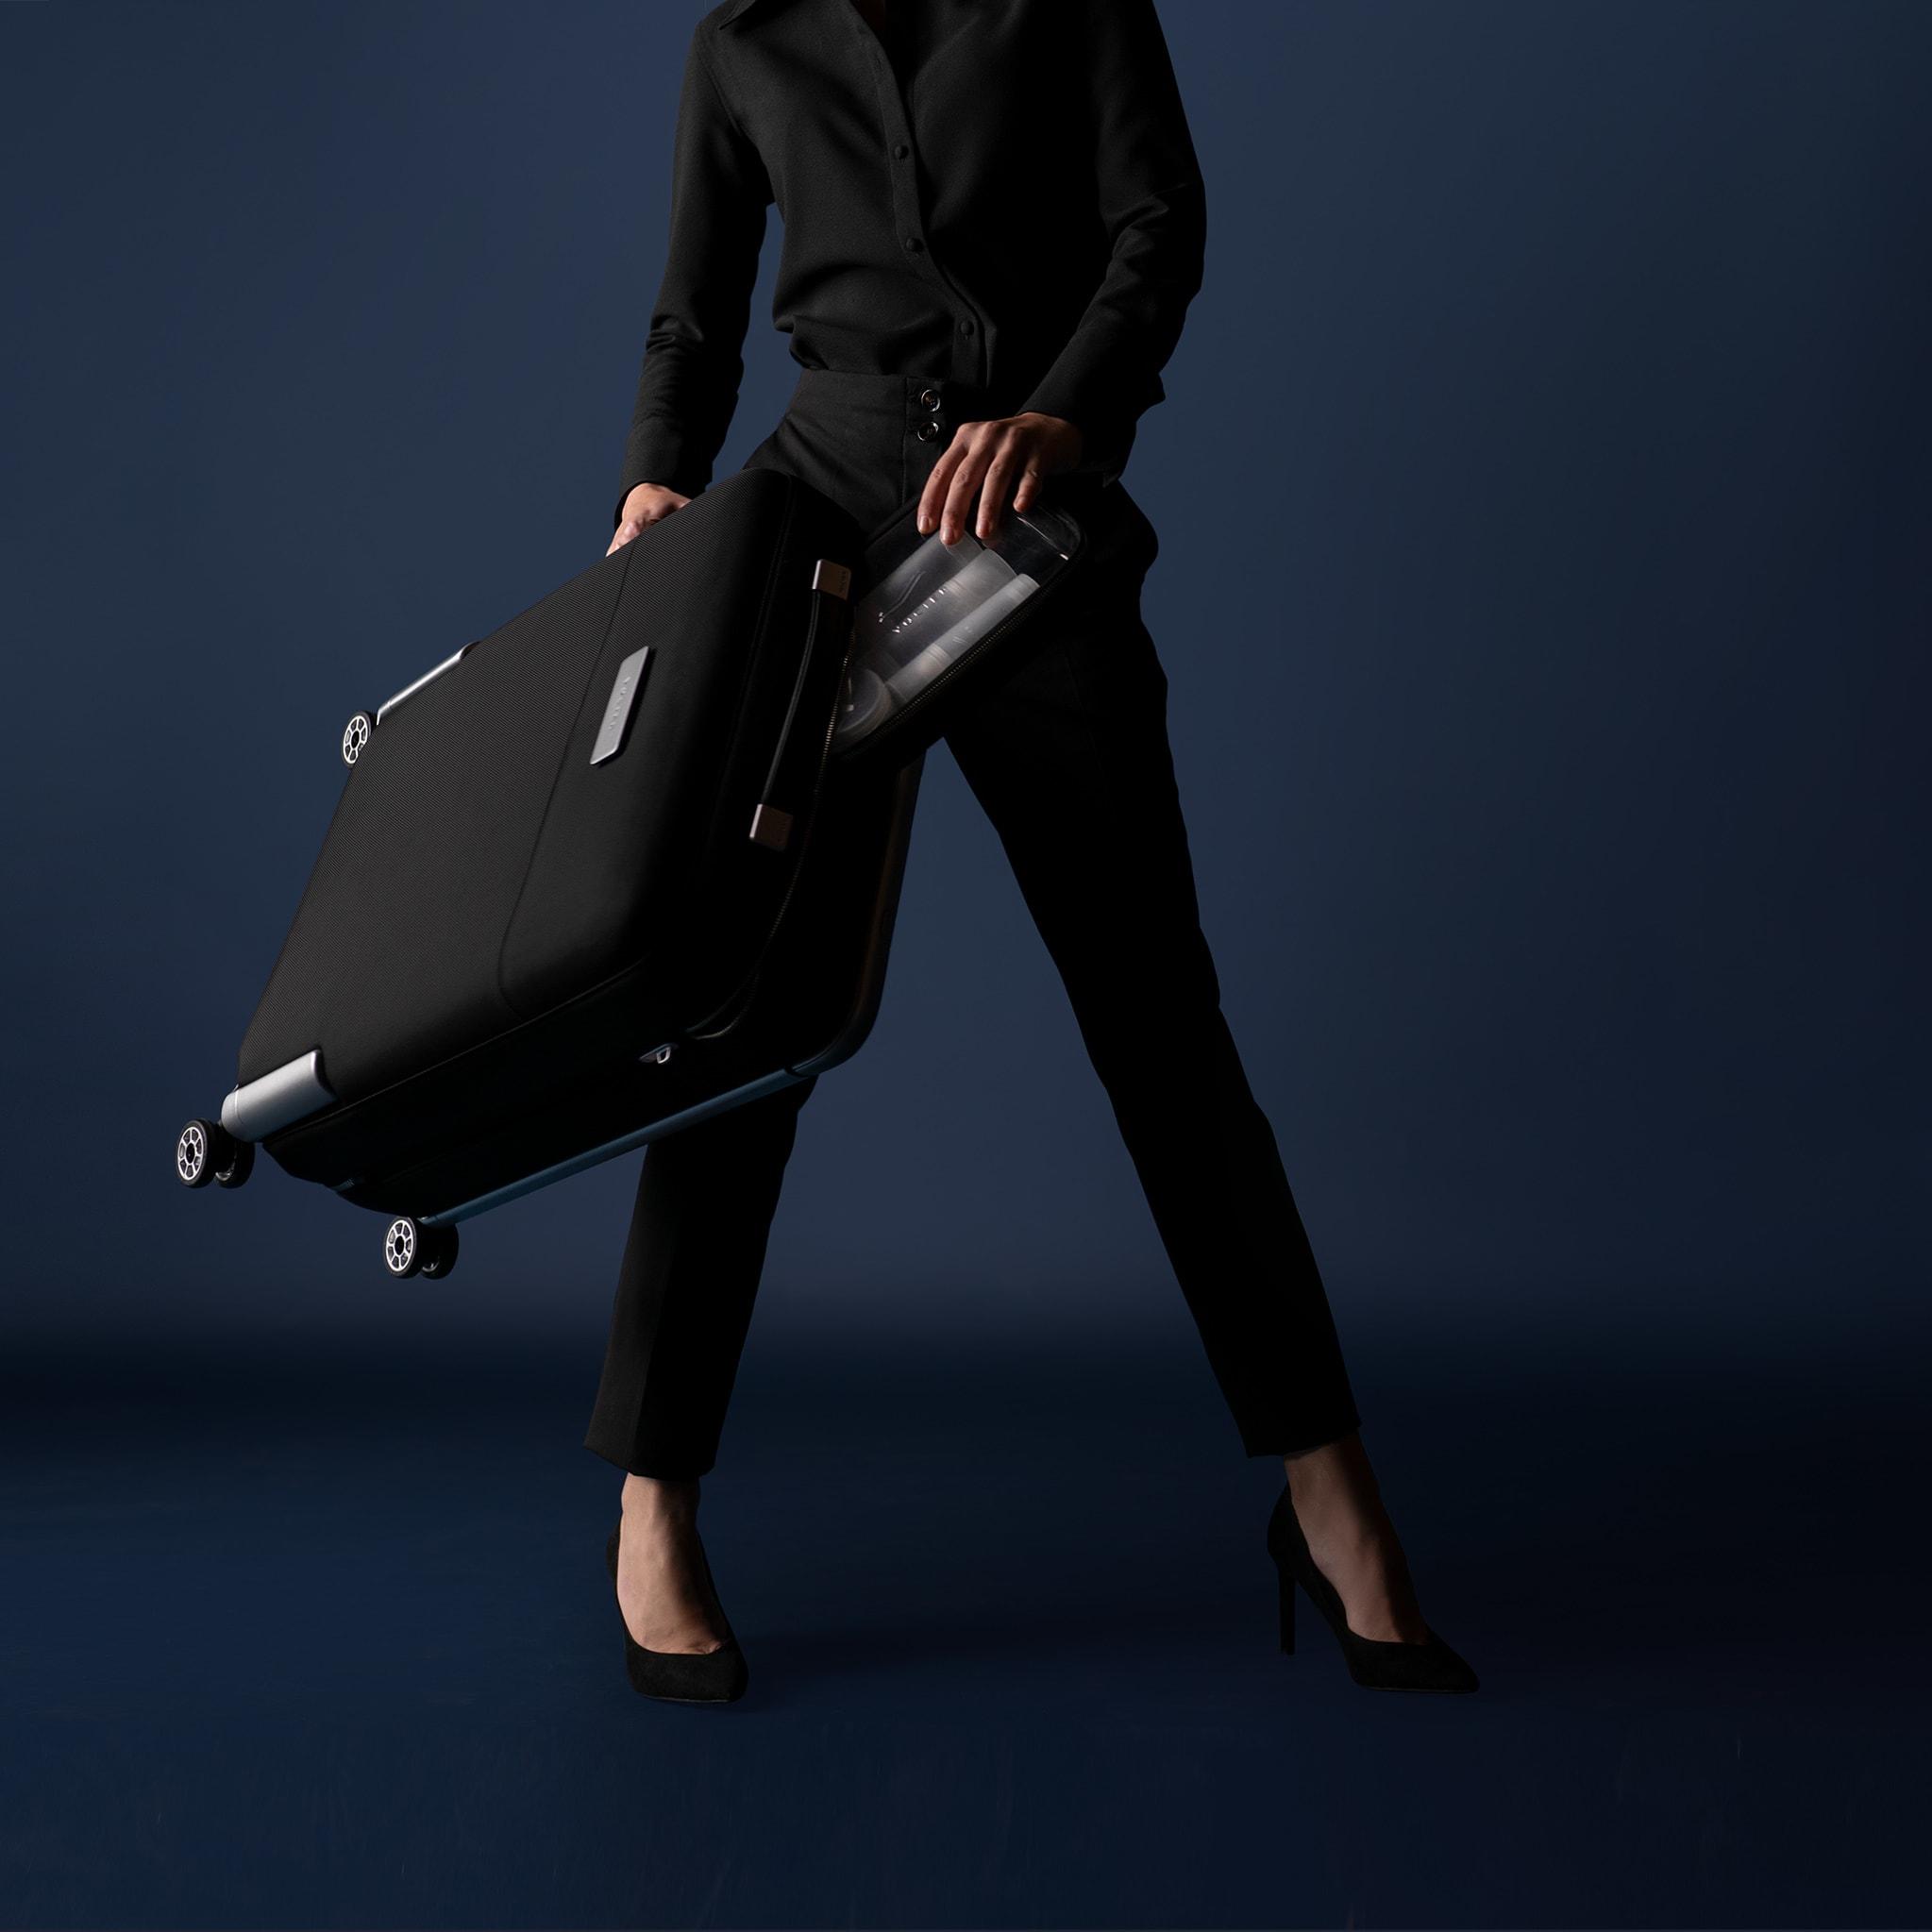 vocier-luggage4